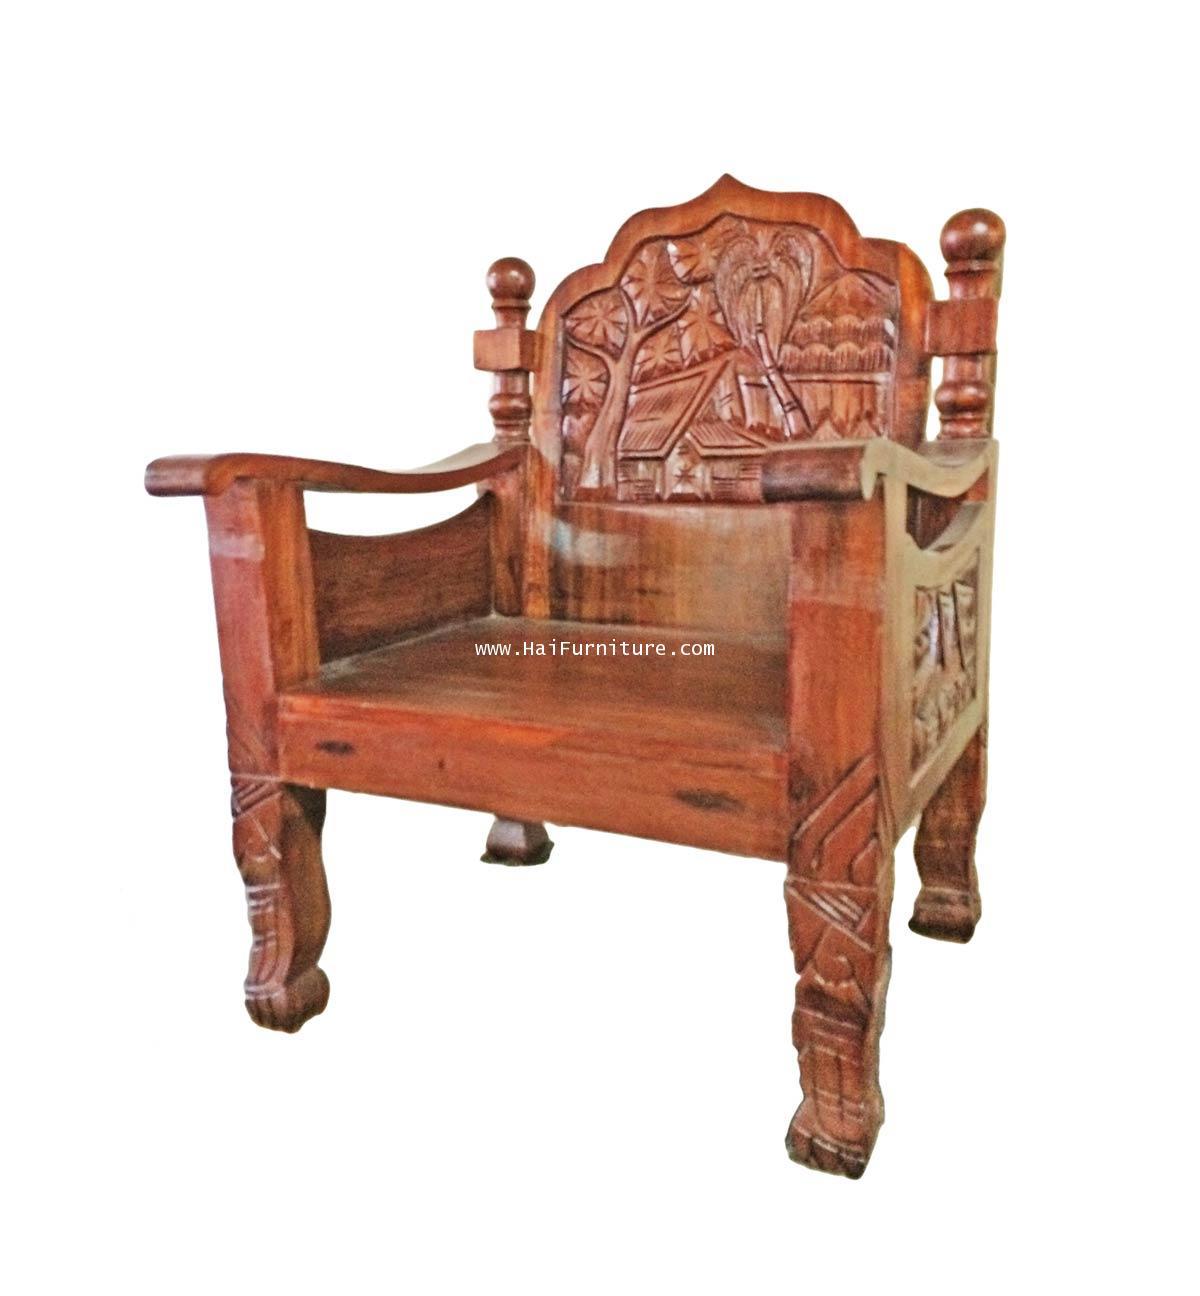 เก้าอี้รับแขกไม้มะค่า แกะสลัก ปี 1970 43*45*85 ซม.